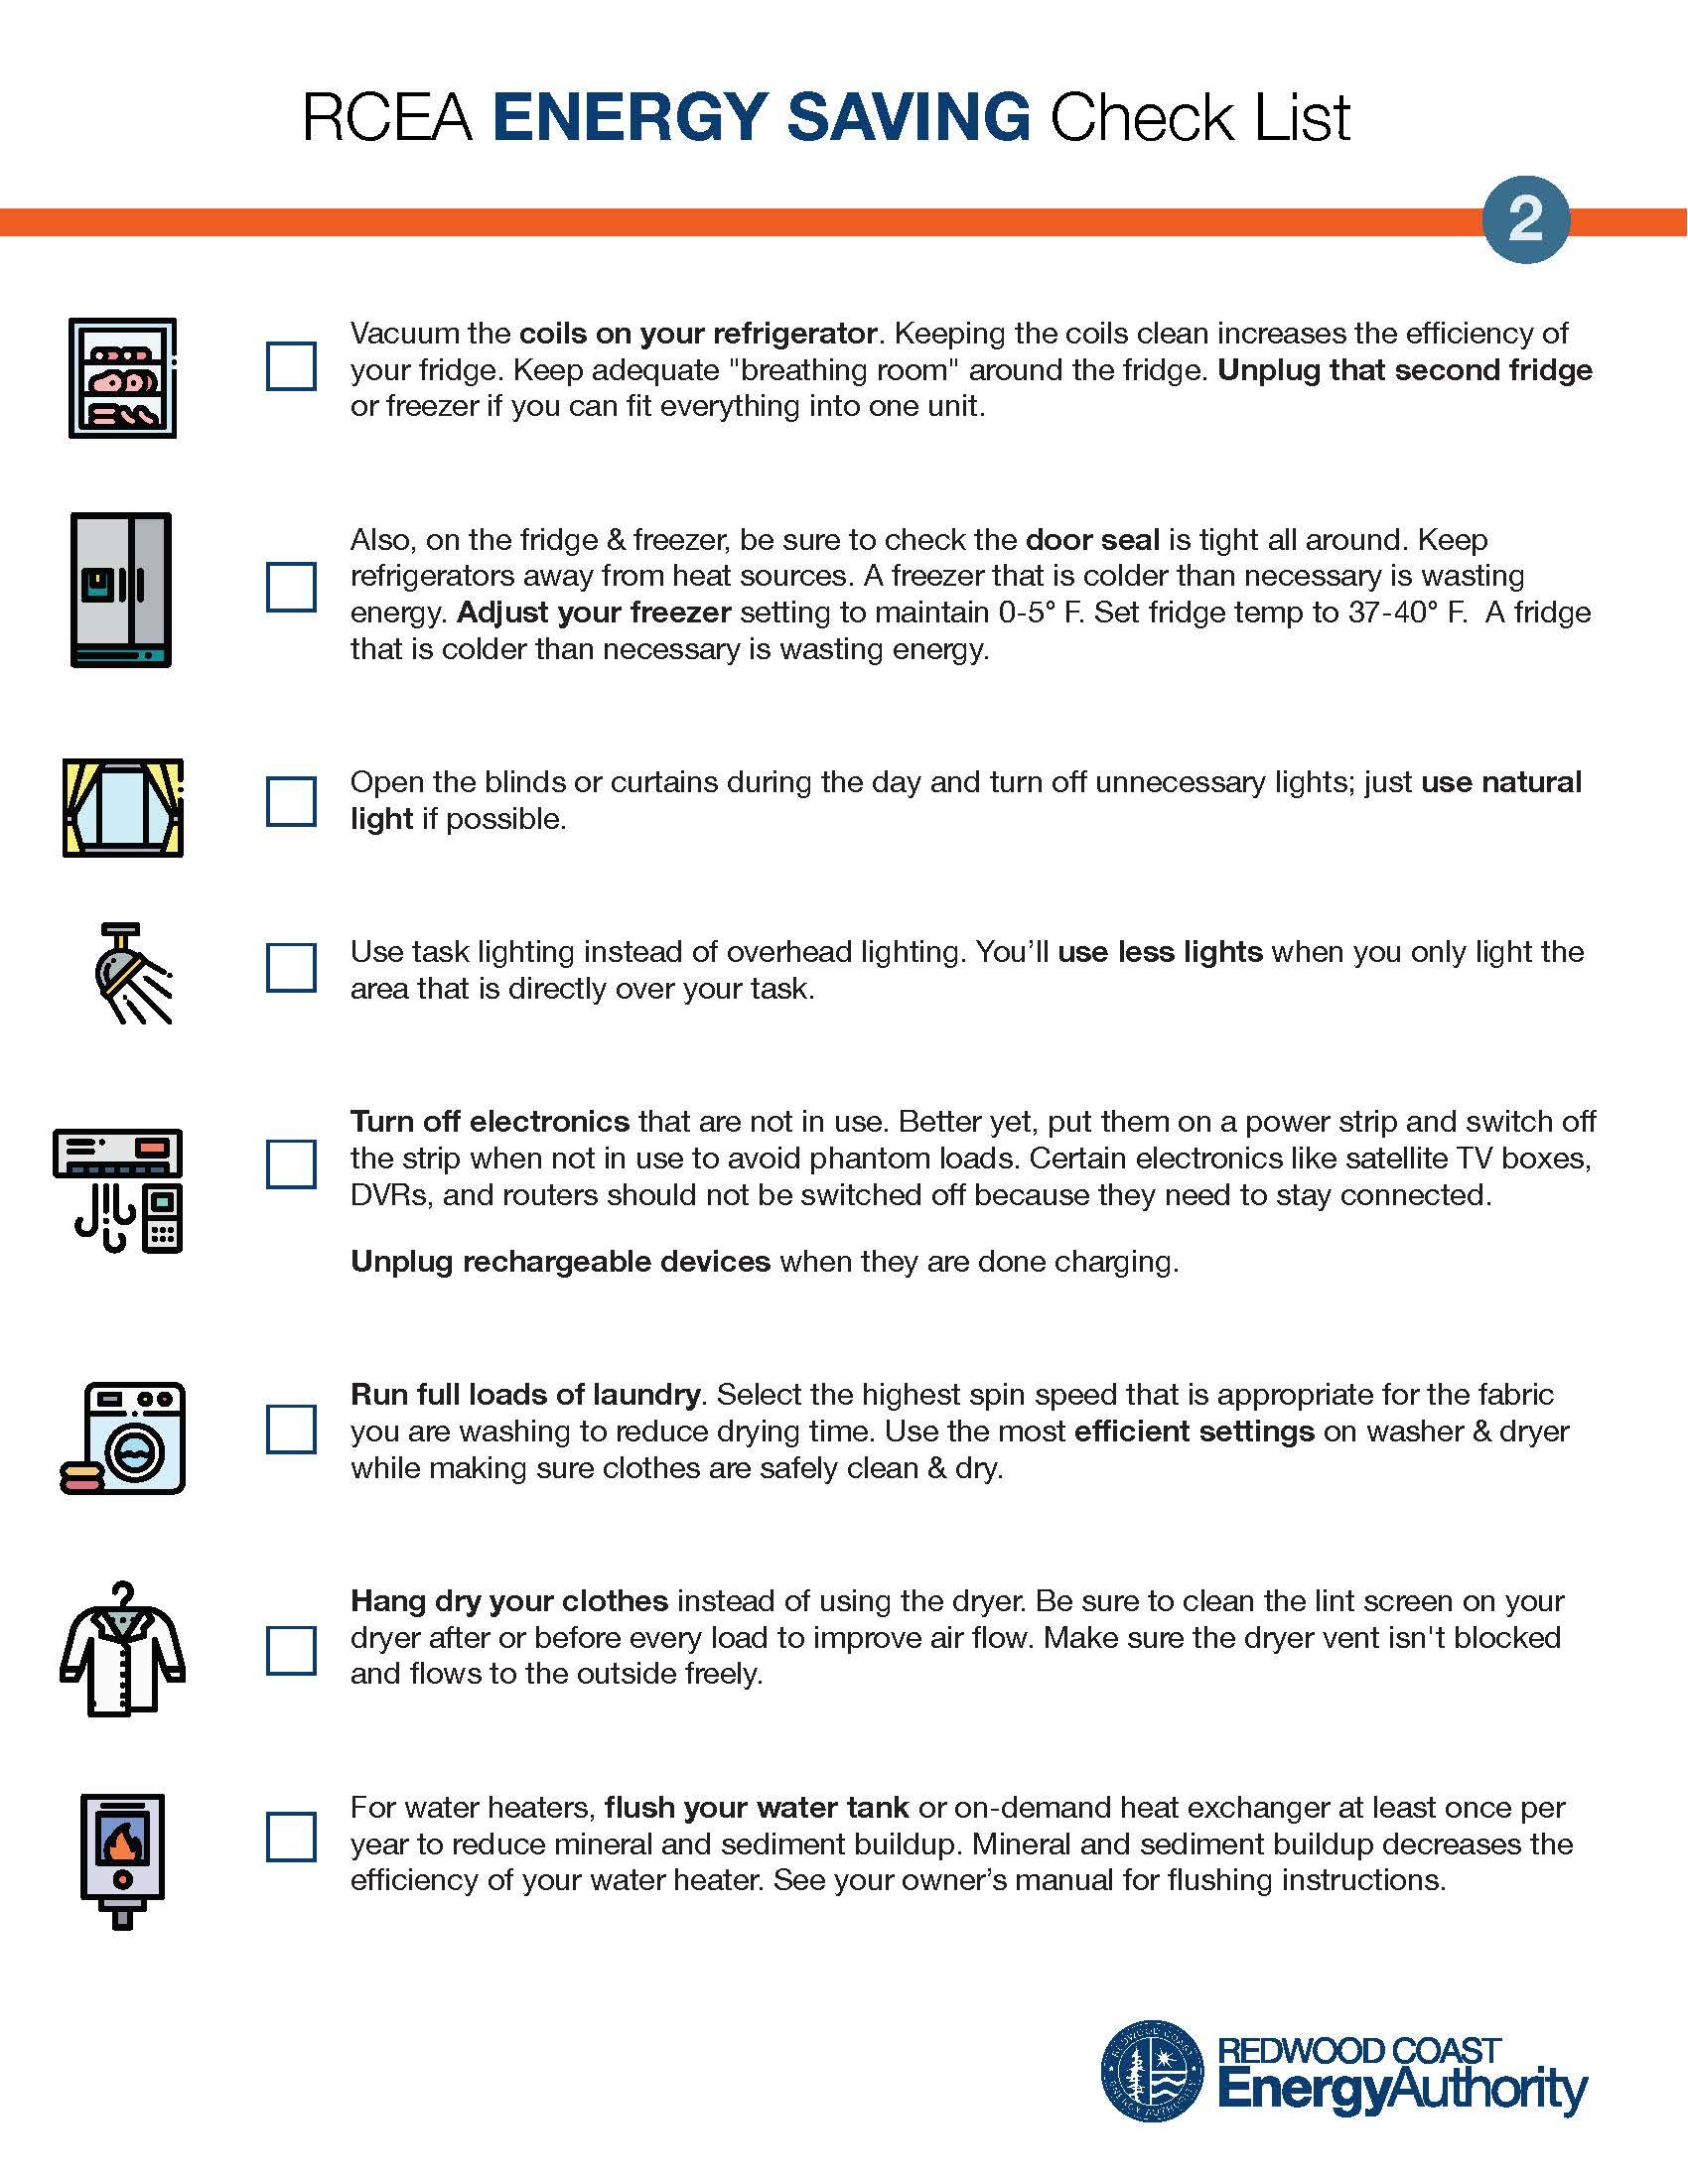 RCEA energy saving check list page 2